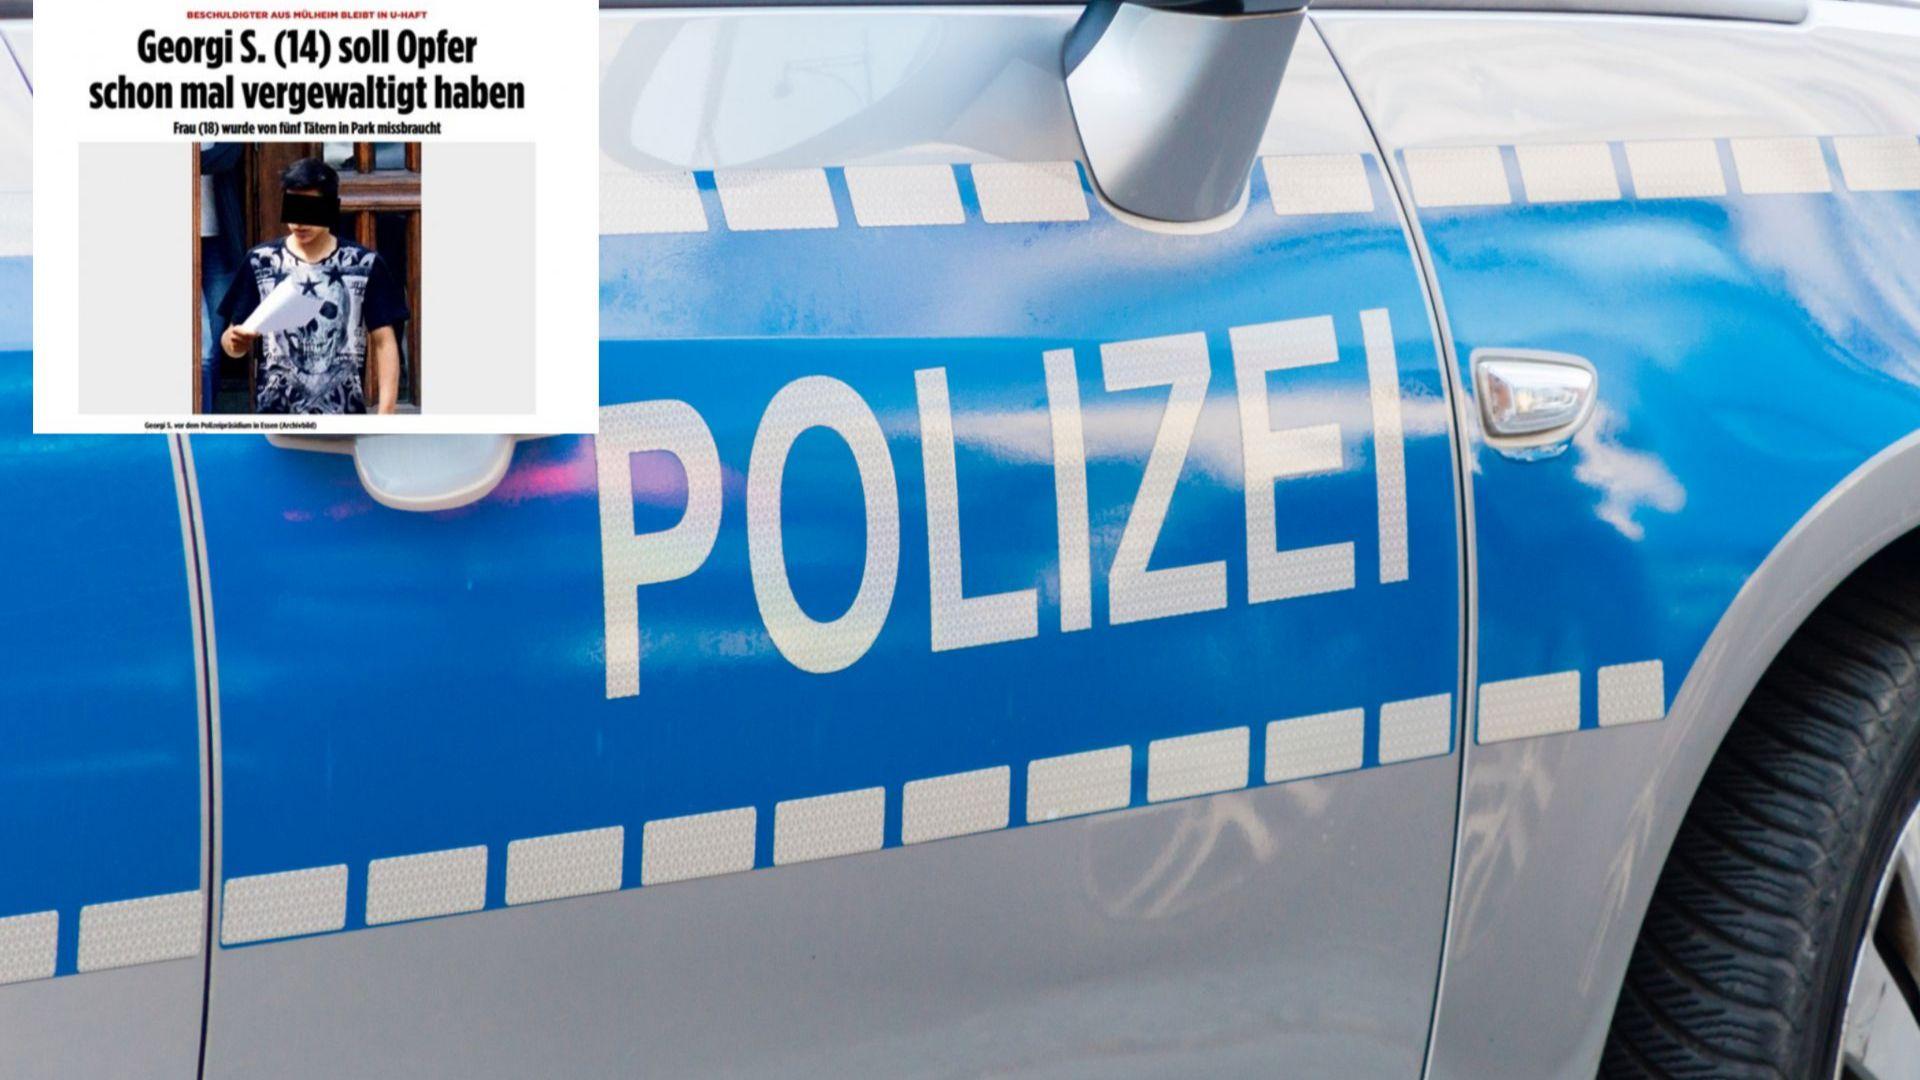 14-годишният Георги, задържан за изнасилване в Германия, и преди се гаврил с жертвата